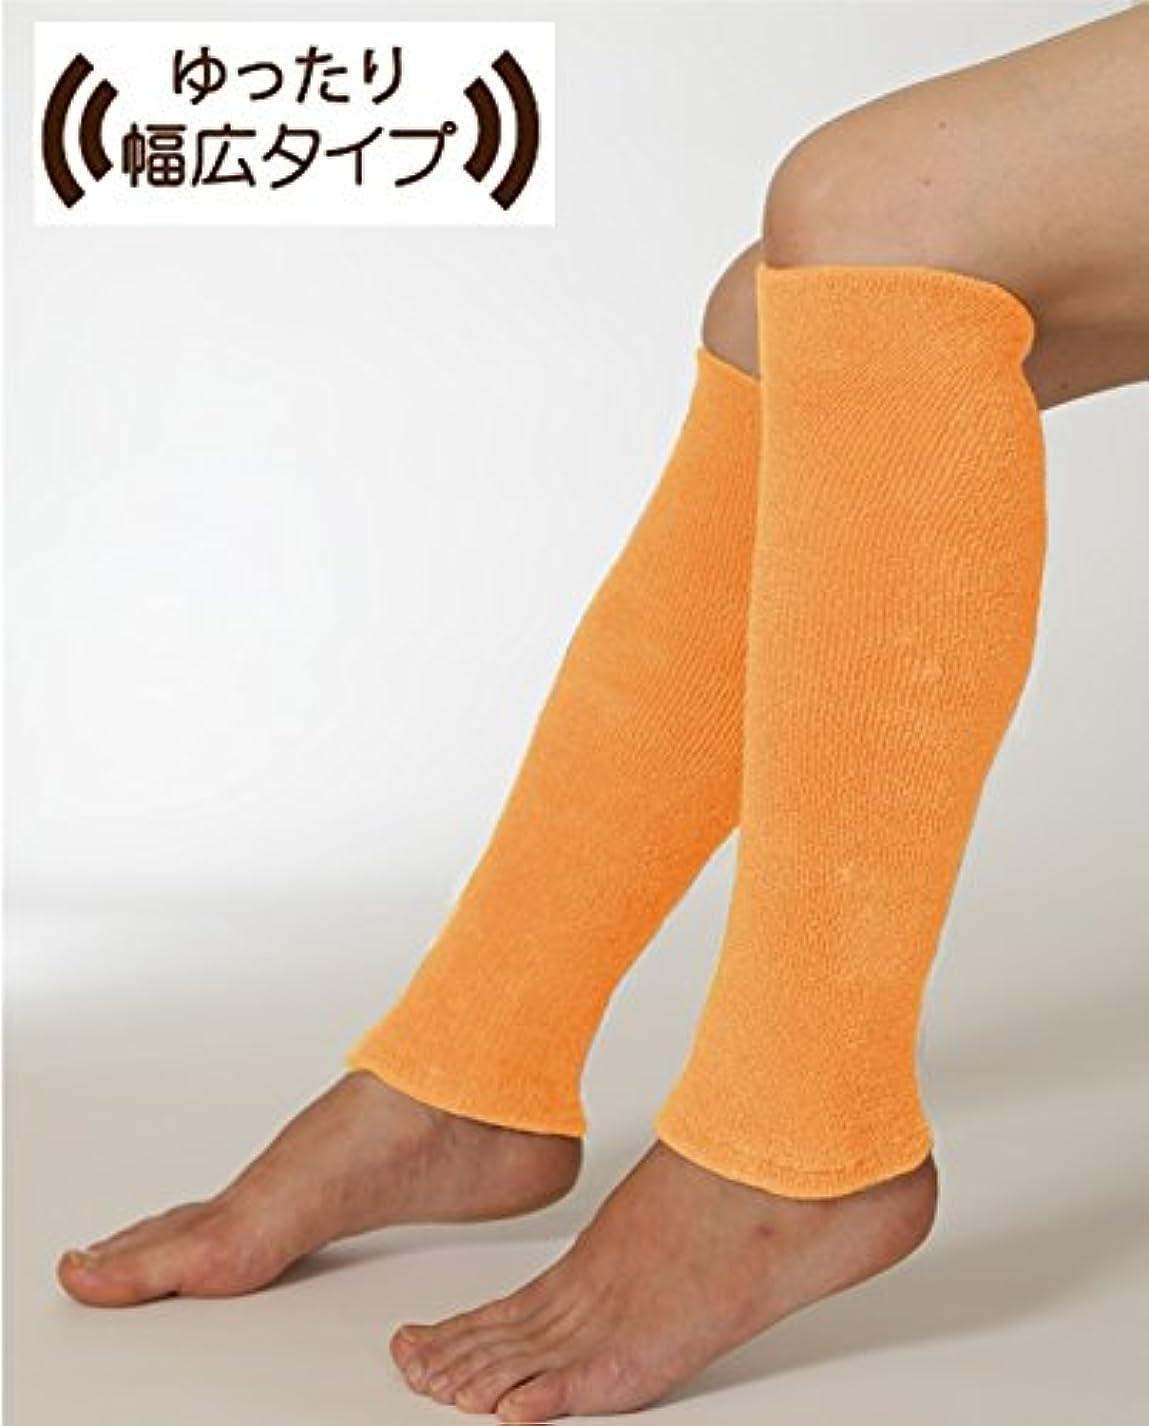 番目太鼓腹コントラストふくらはぎ専用 ミーテ・ゆったり快適保温 (オレンジ)締め付けない  ゆったり幅広タイプ  長さ40cm